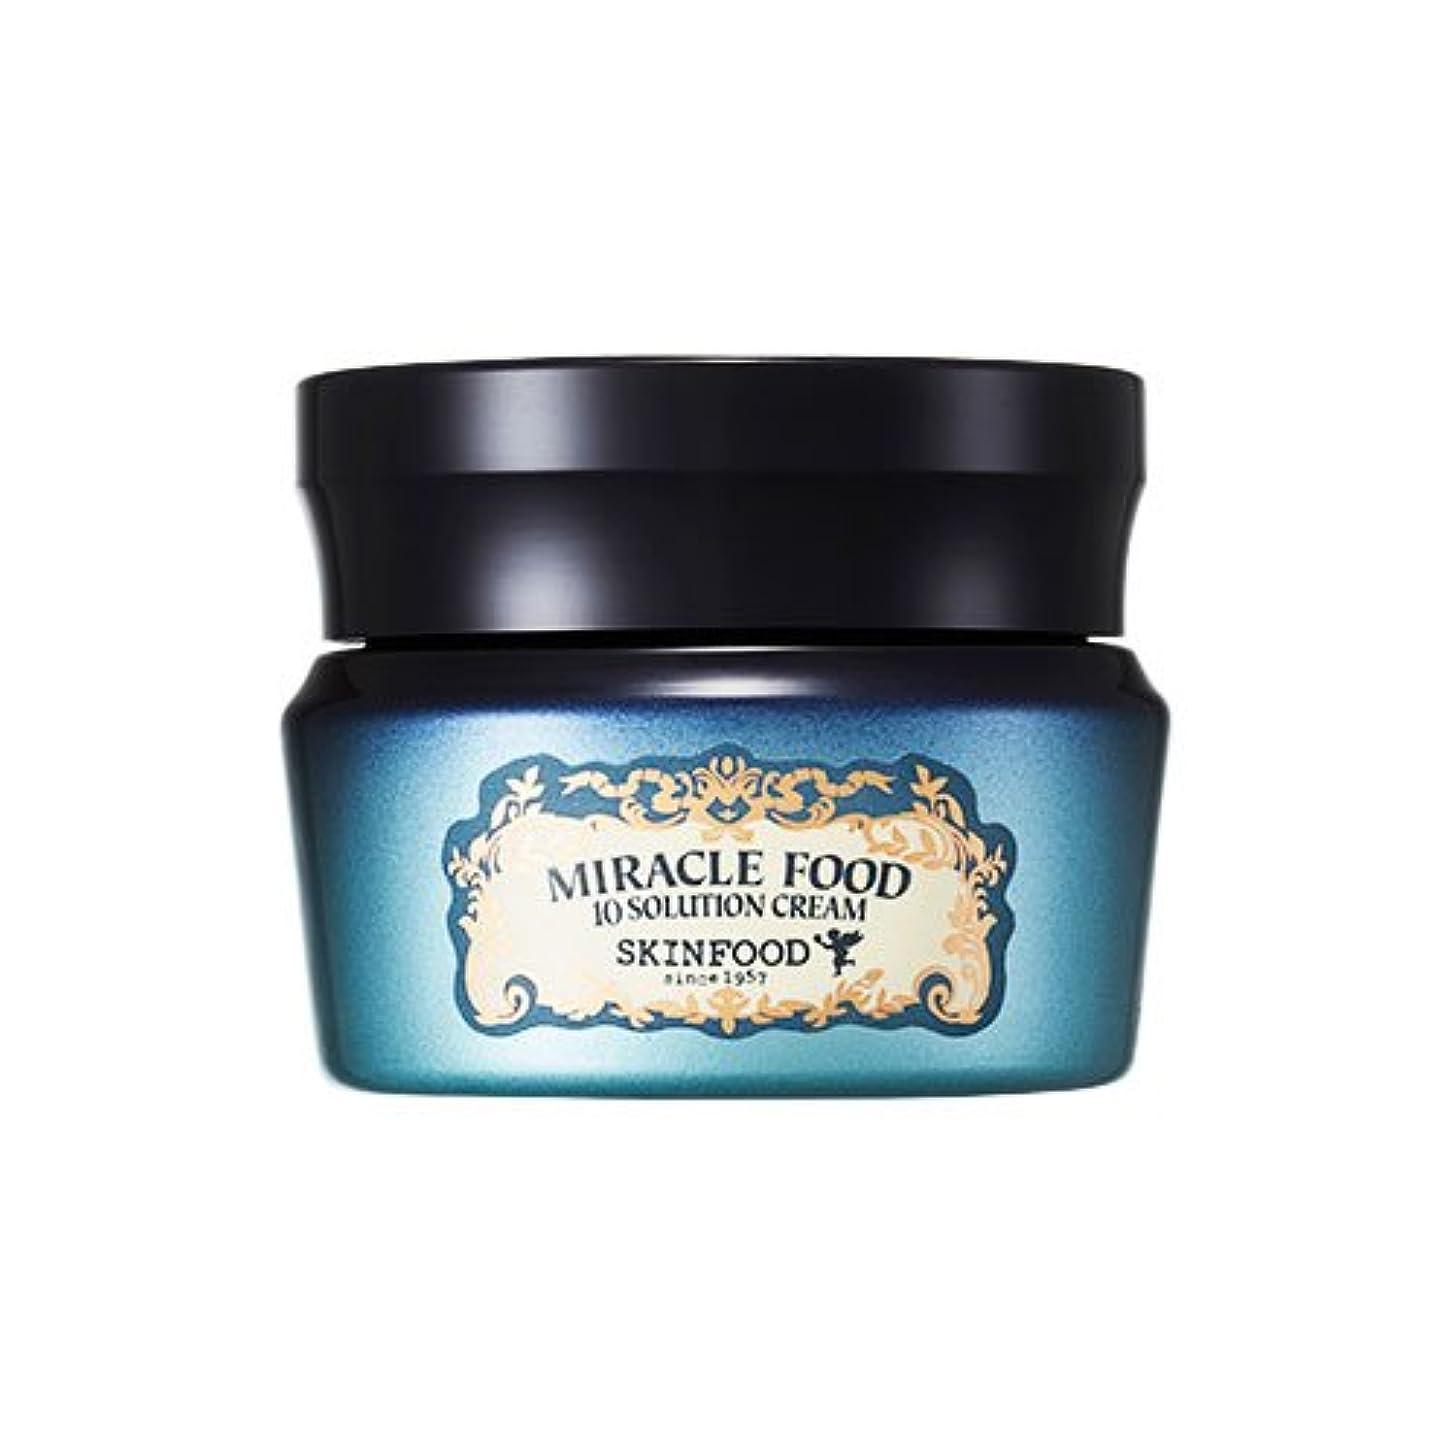 旧正月料理参照Skinfood ミラクルフード10ソリューションクリーム(美白効果としわ防止効果) / Miracle Food 10 Solution Cream (Skin-Brightening and Anti-Wrinkle Effects) 50g [並行輸入品]